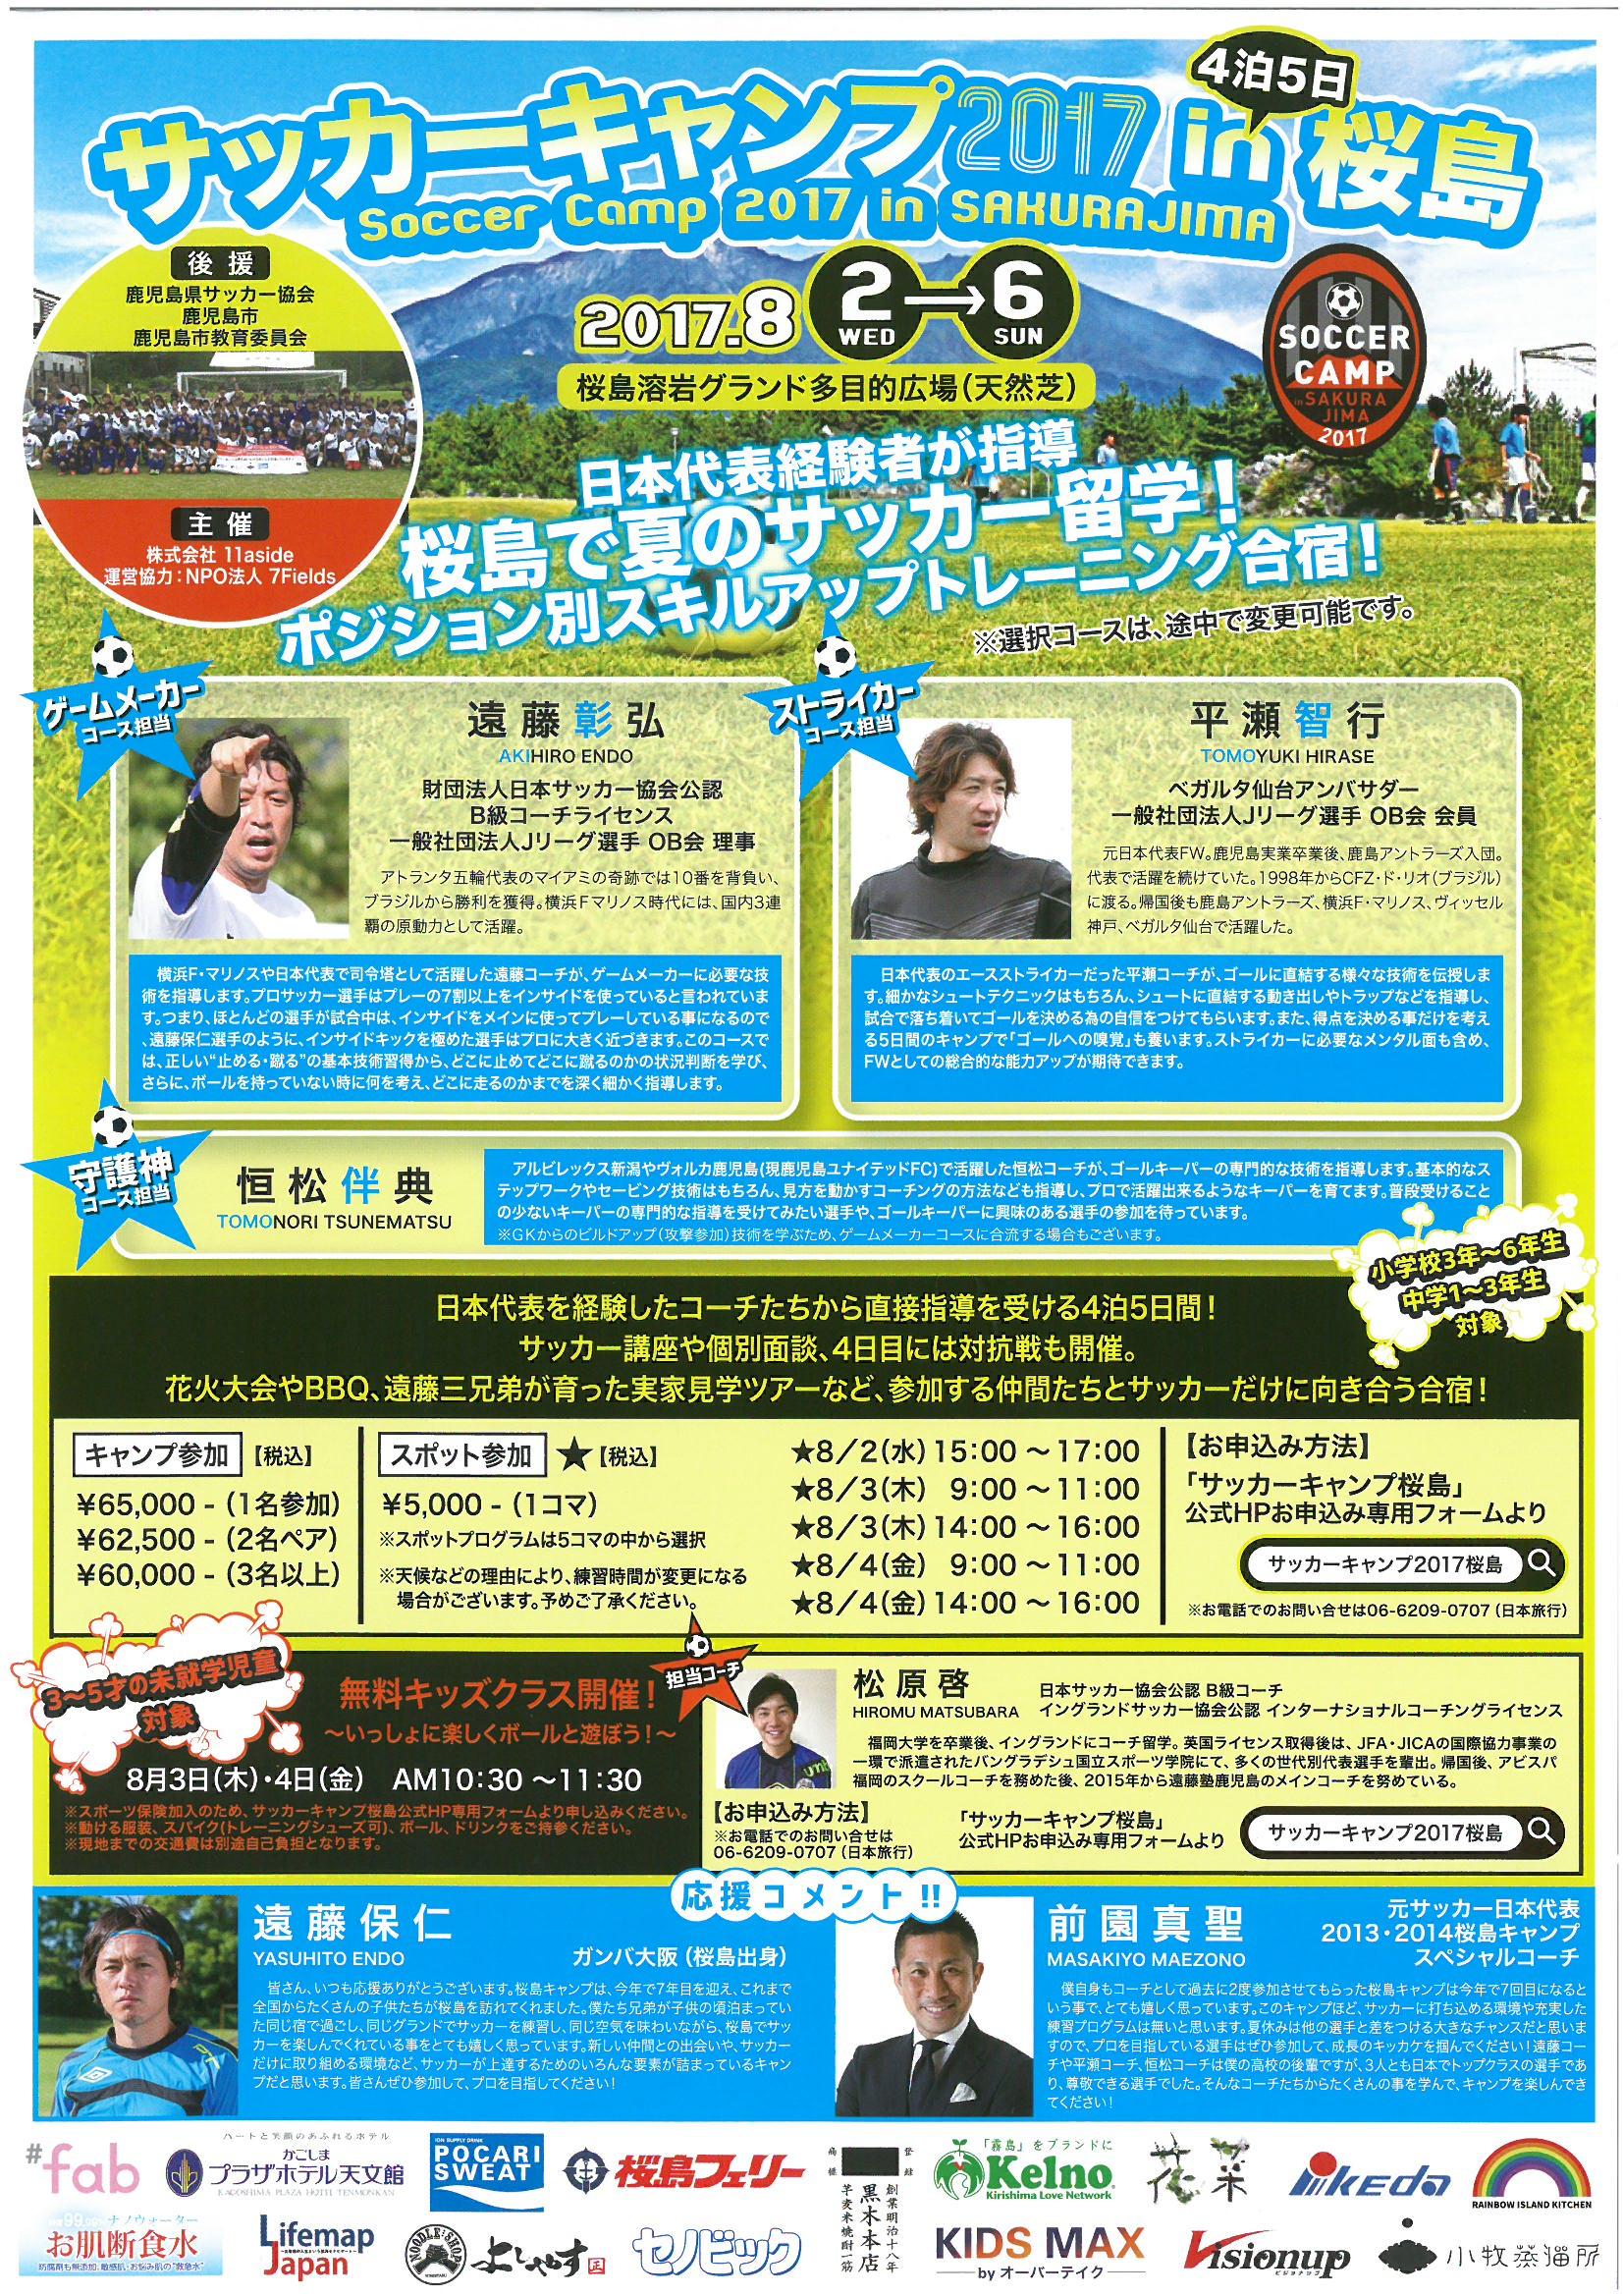 サッカーサマーキャンプ in 桜島 2017 リーフレット